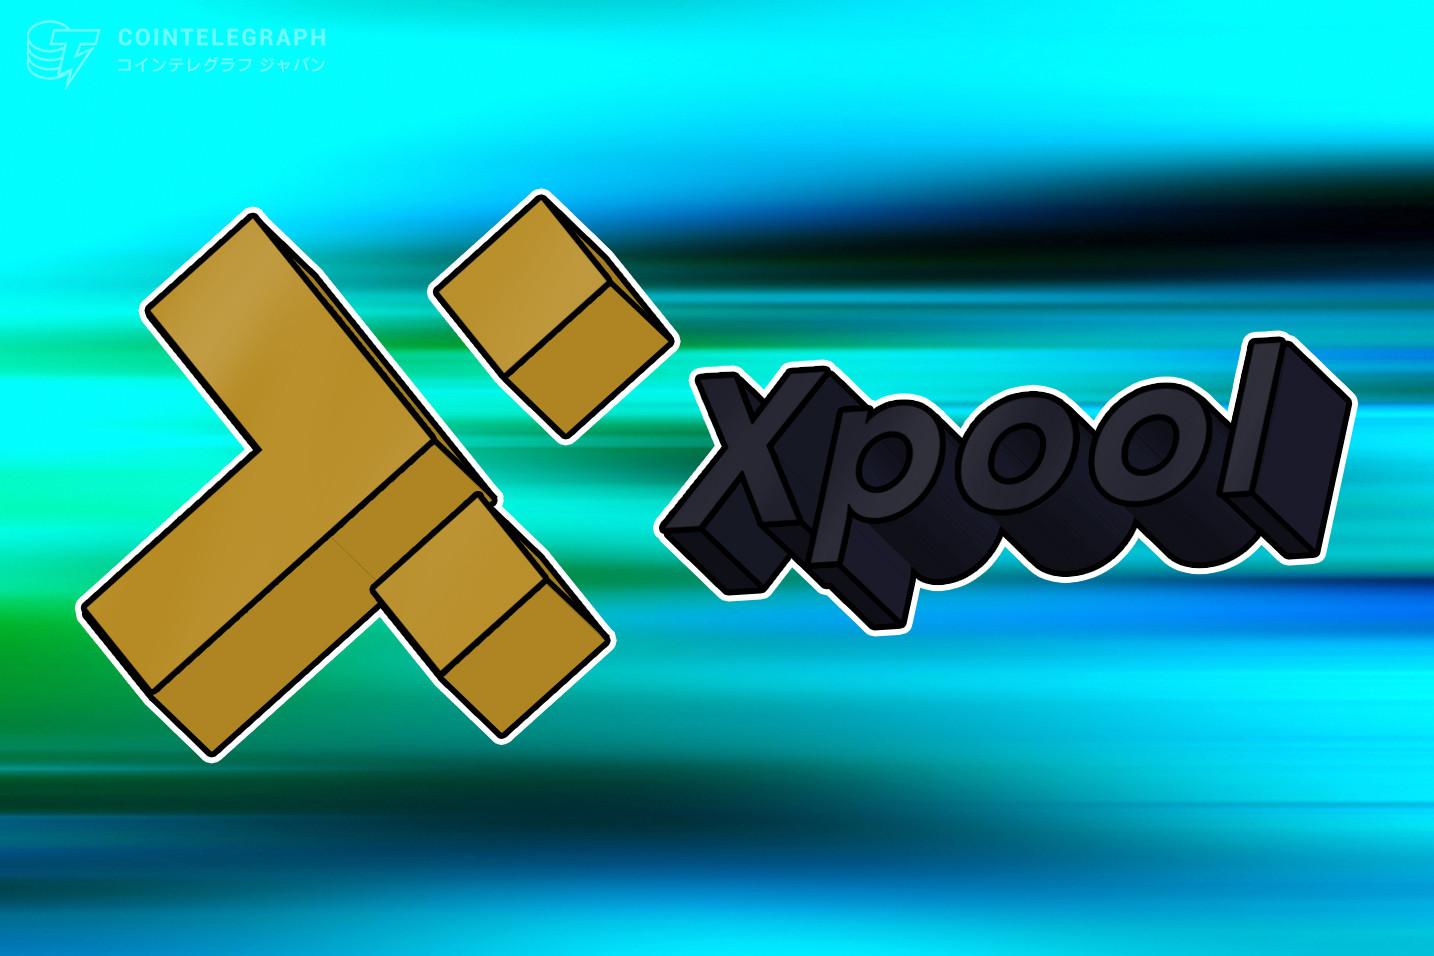 VerichainsがXpoolのセキュリティ監査を完了